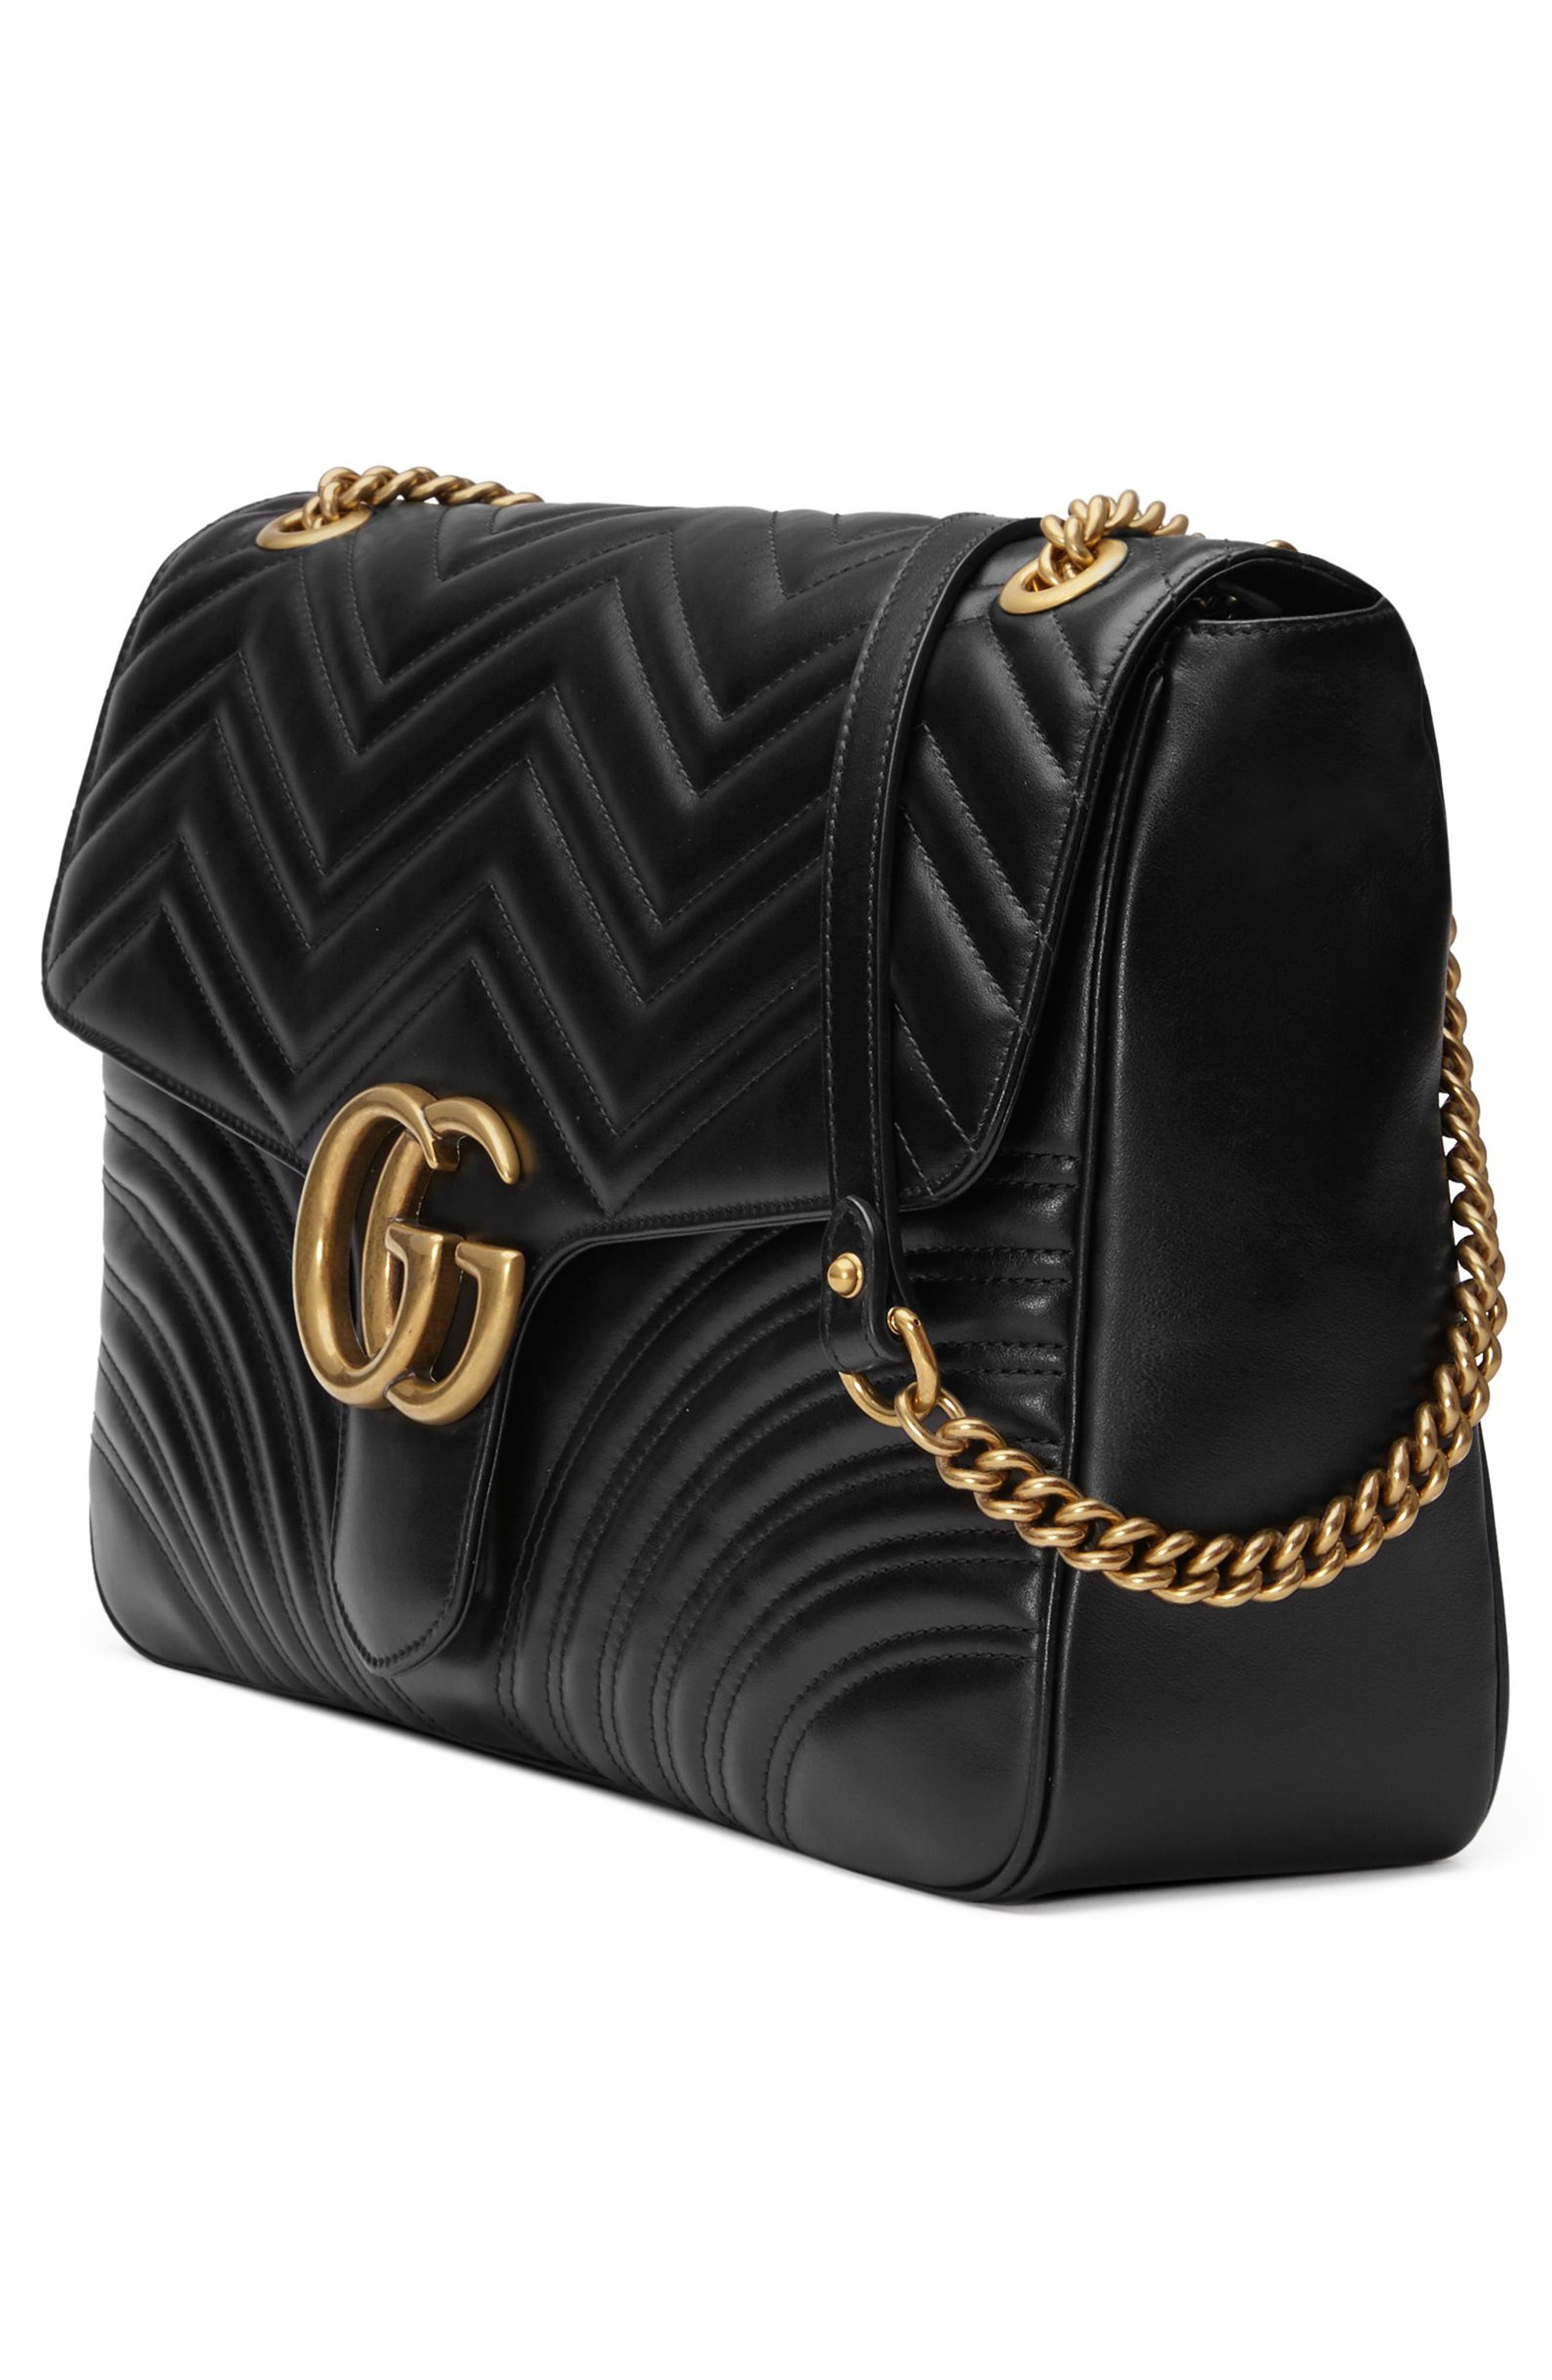 GUCCI, GG Large Marmont 2.0 Matelassé Leather Shoulder Bag, Alternate thumbnail 7, color, NERO